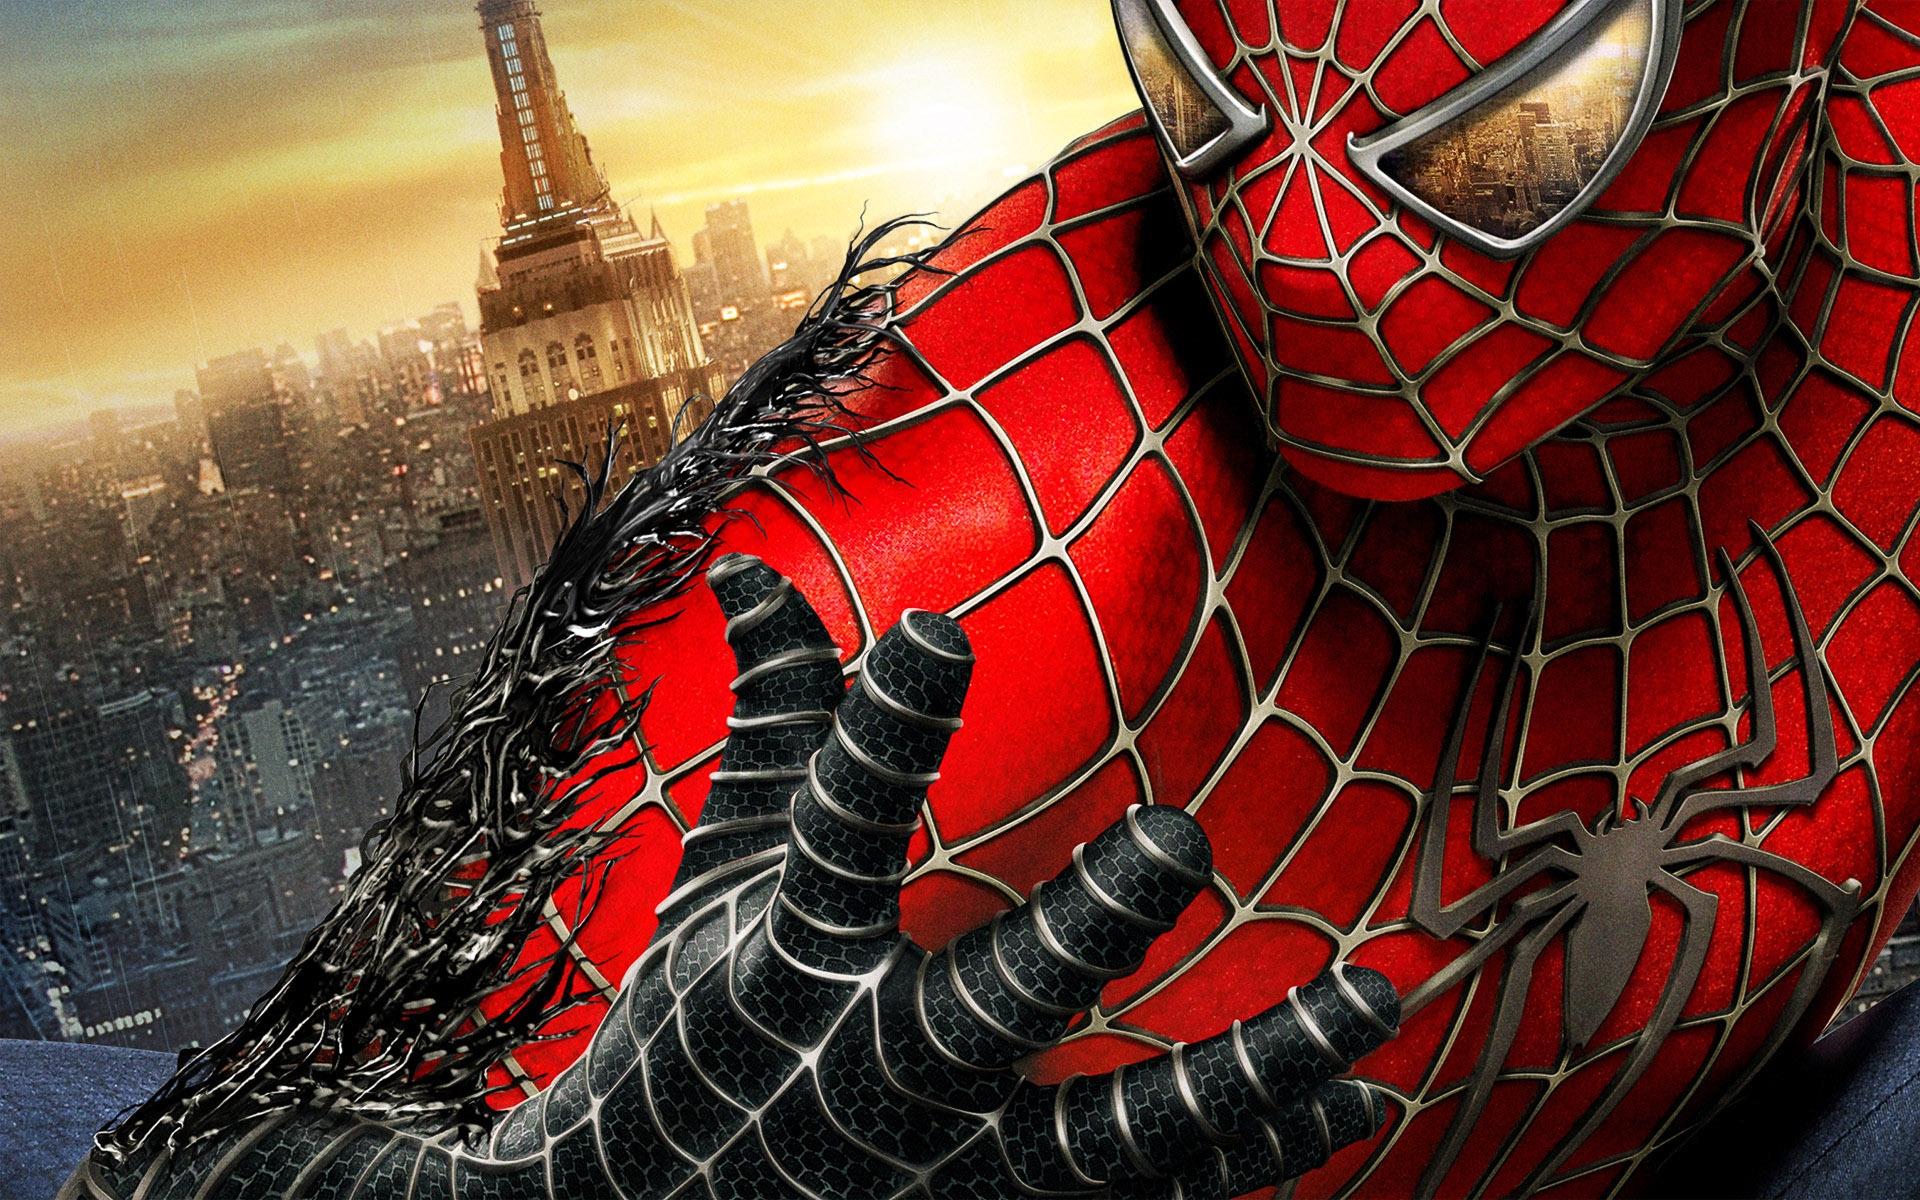 Black Spider Man Background